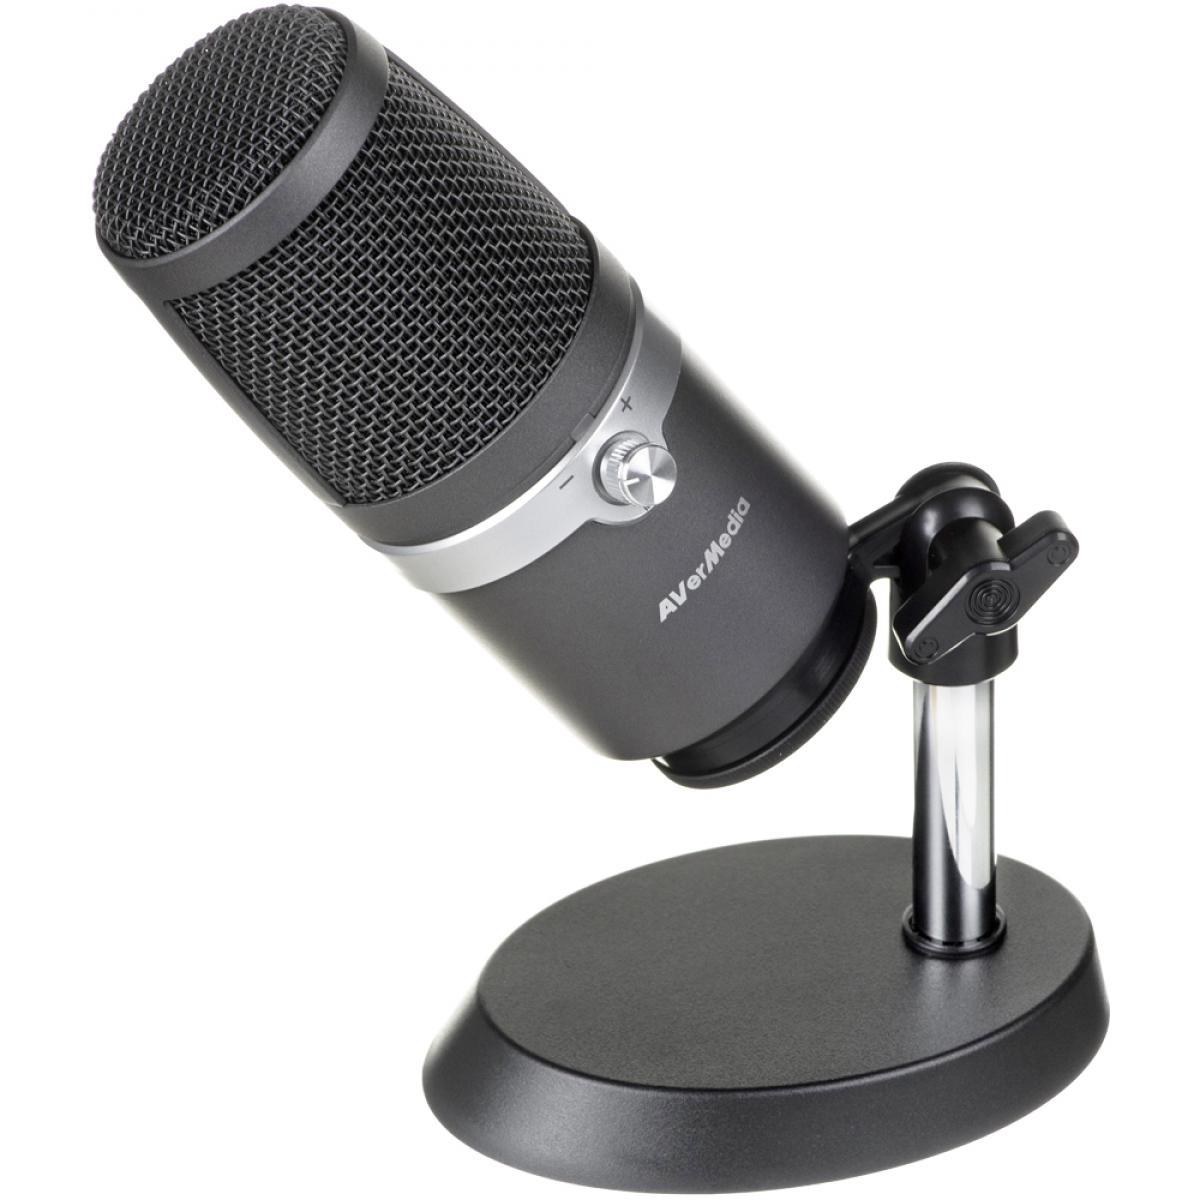 преображается фото микрофоны для ютуберов это новый продукт